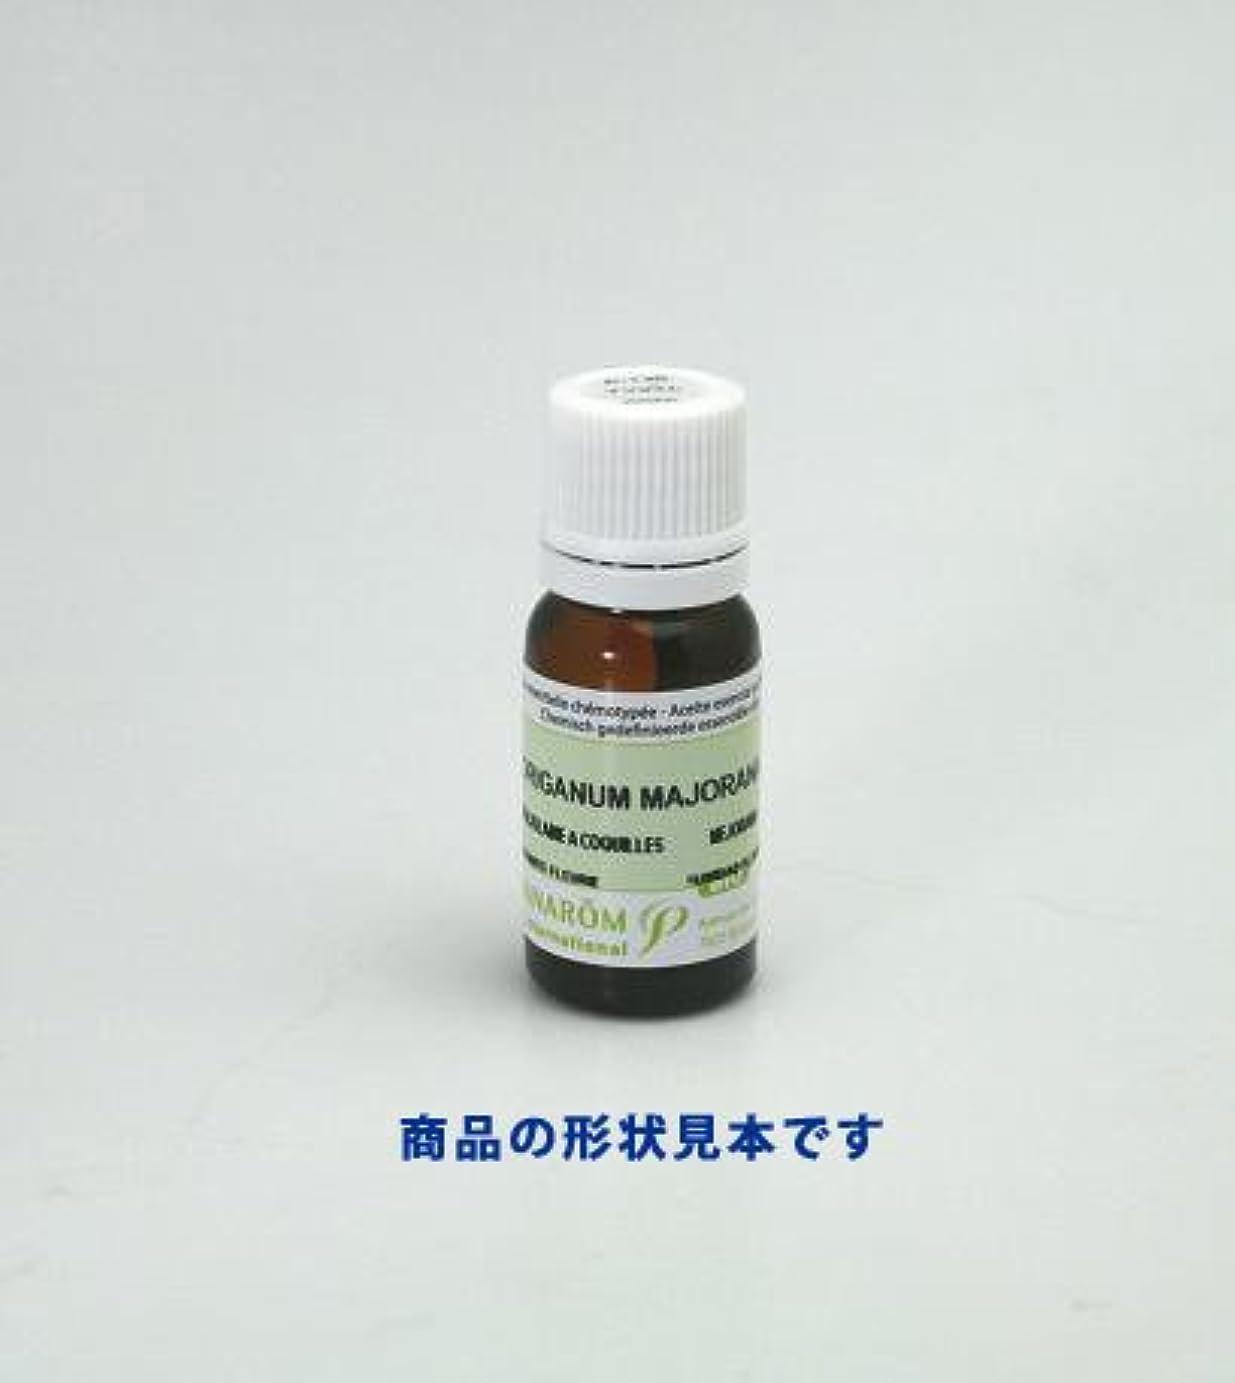 アノイ深い懐プラナロム社製精油:P-069 ユーカリ?ポリプラクティアCT2